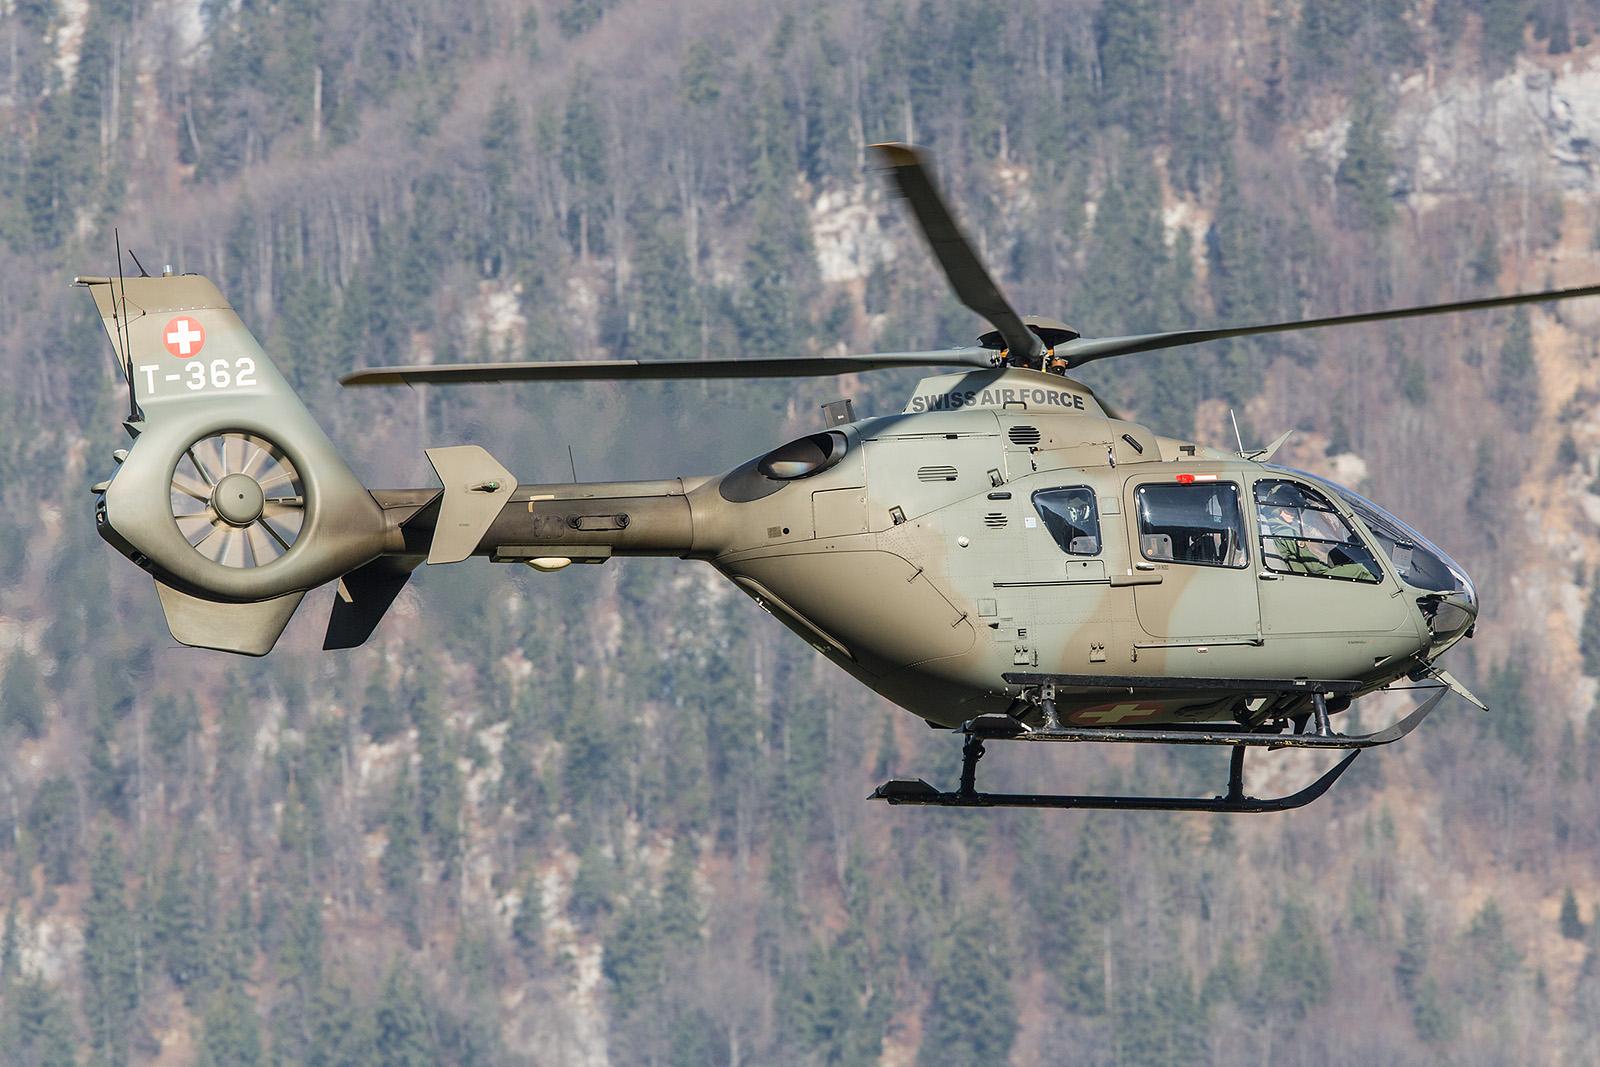 Im Rahmen der Pilotenschule drehten einige der EC-635 Platzrunden.